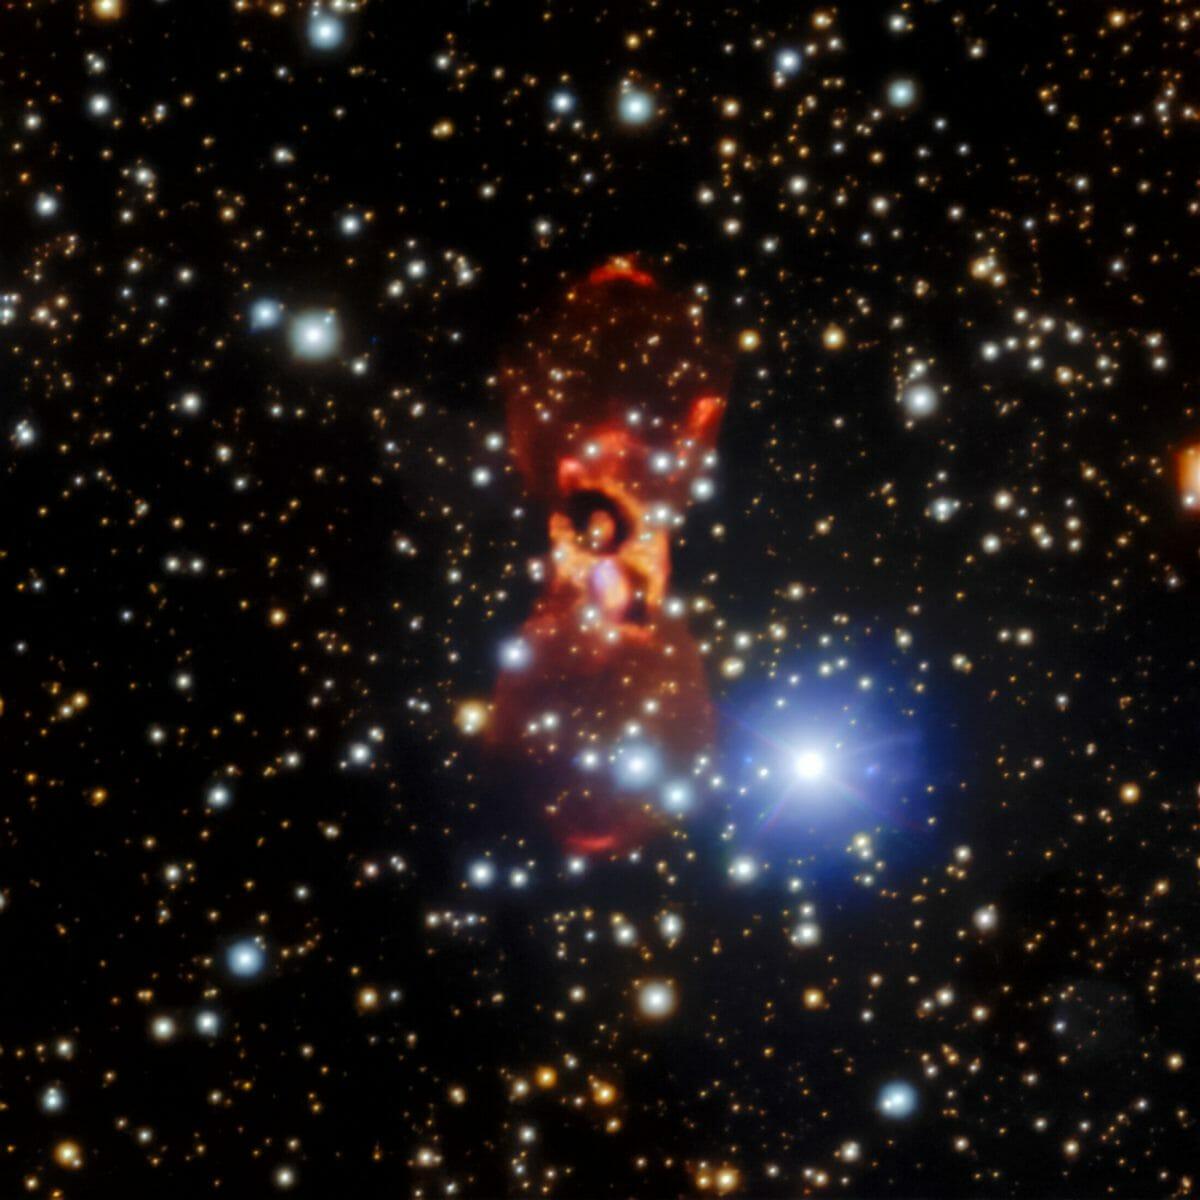 ジェミニ天文台の「ジェミニ北望遠鏡」が観測した「こぎつね座CK星」